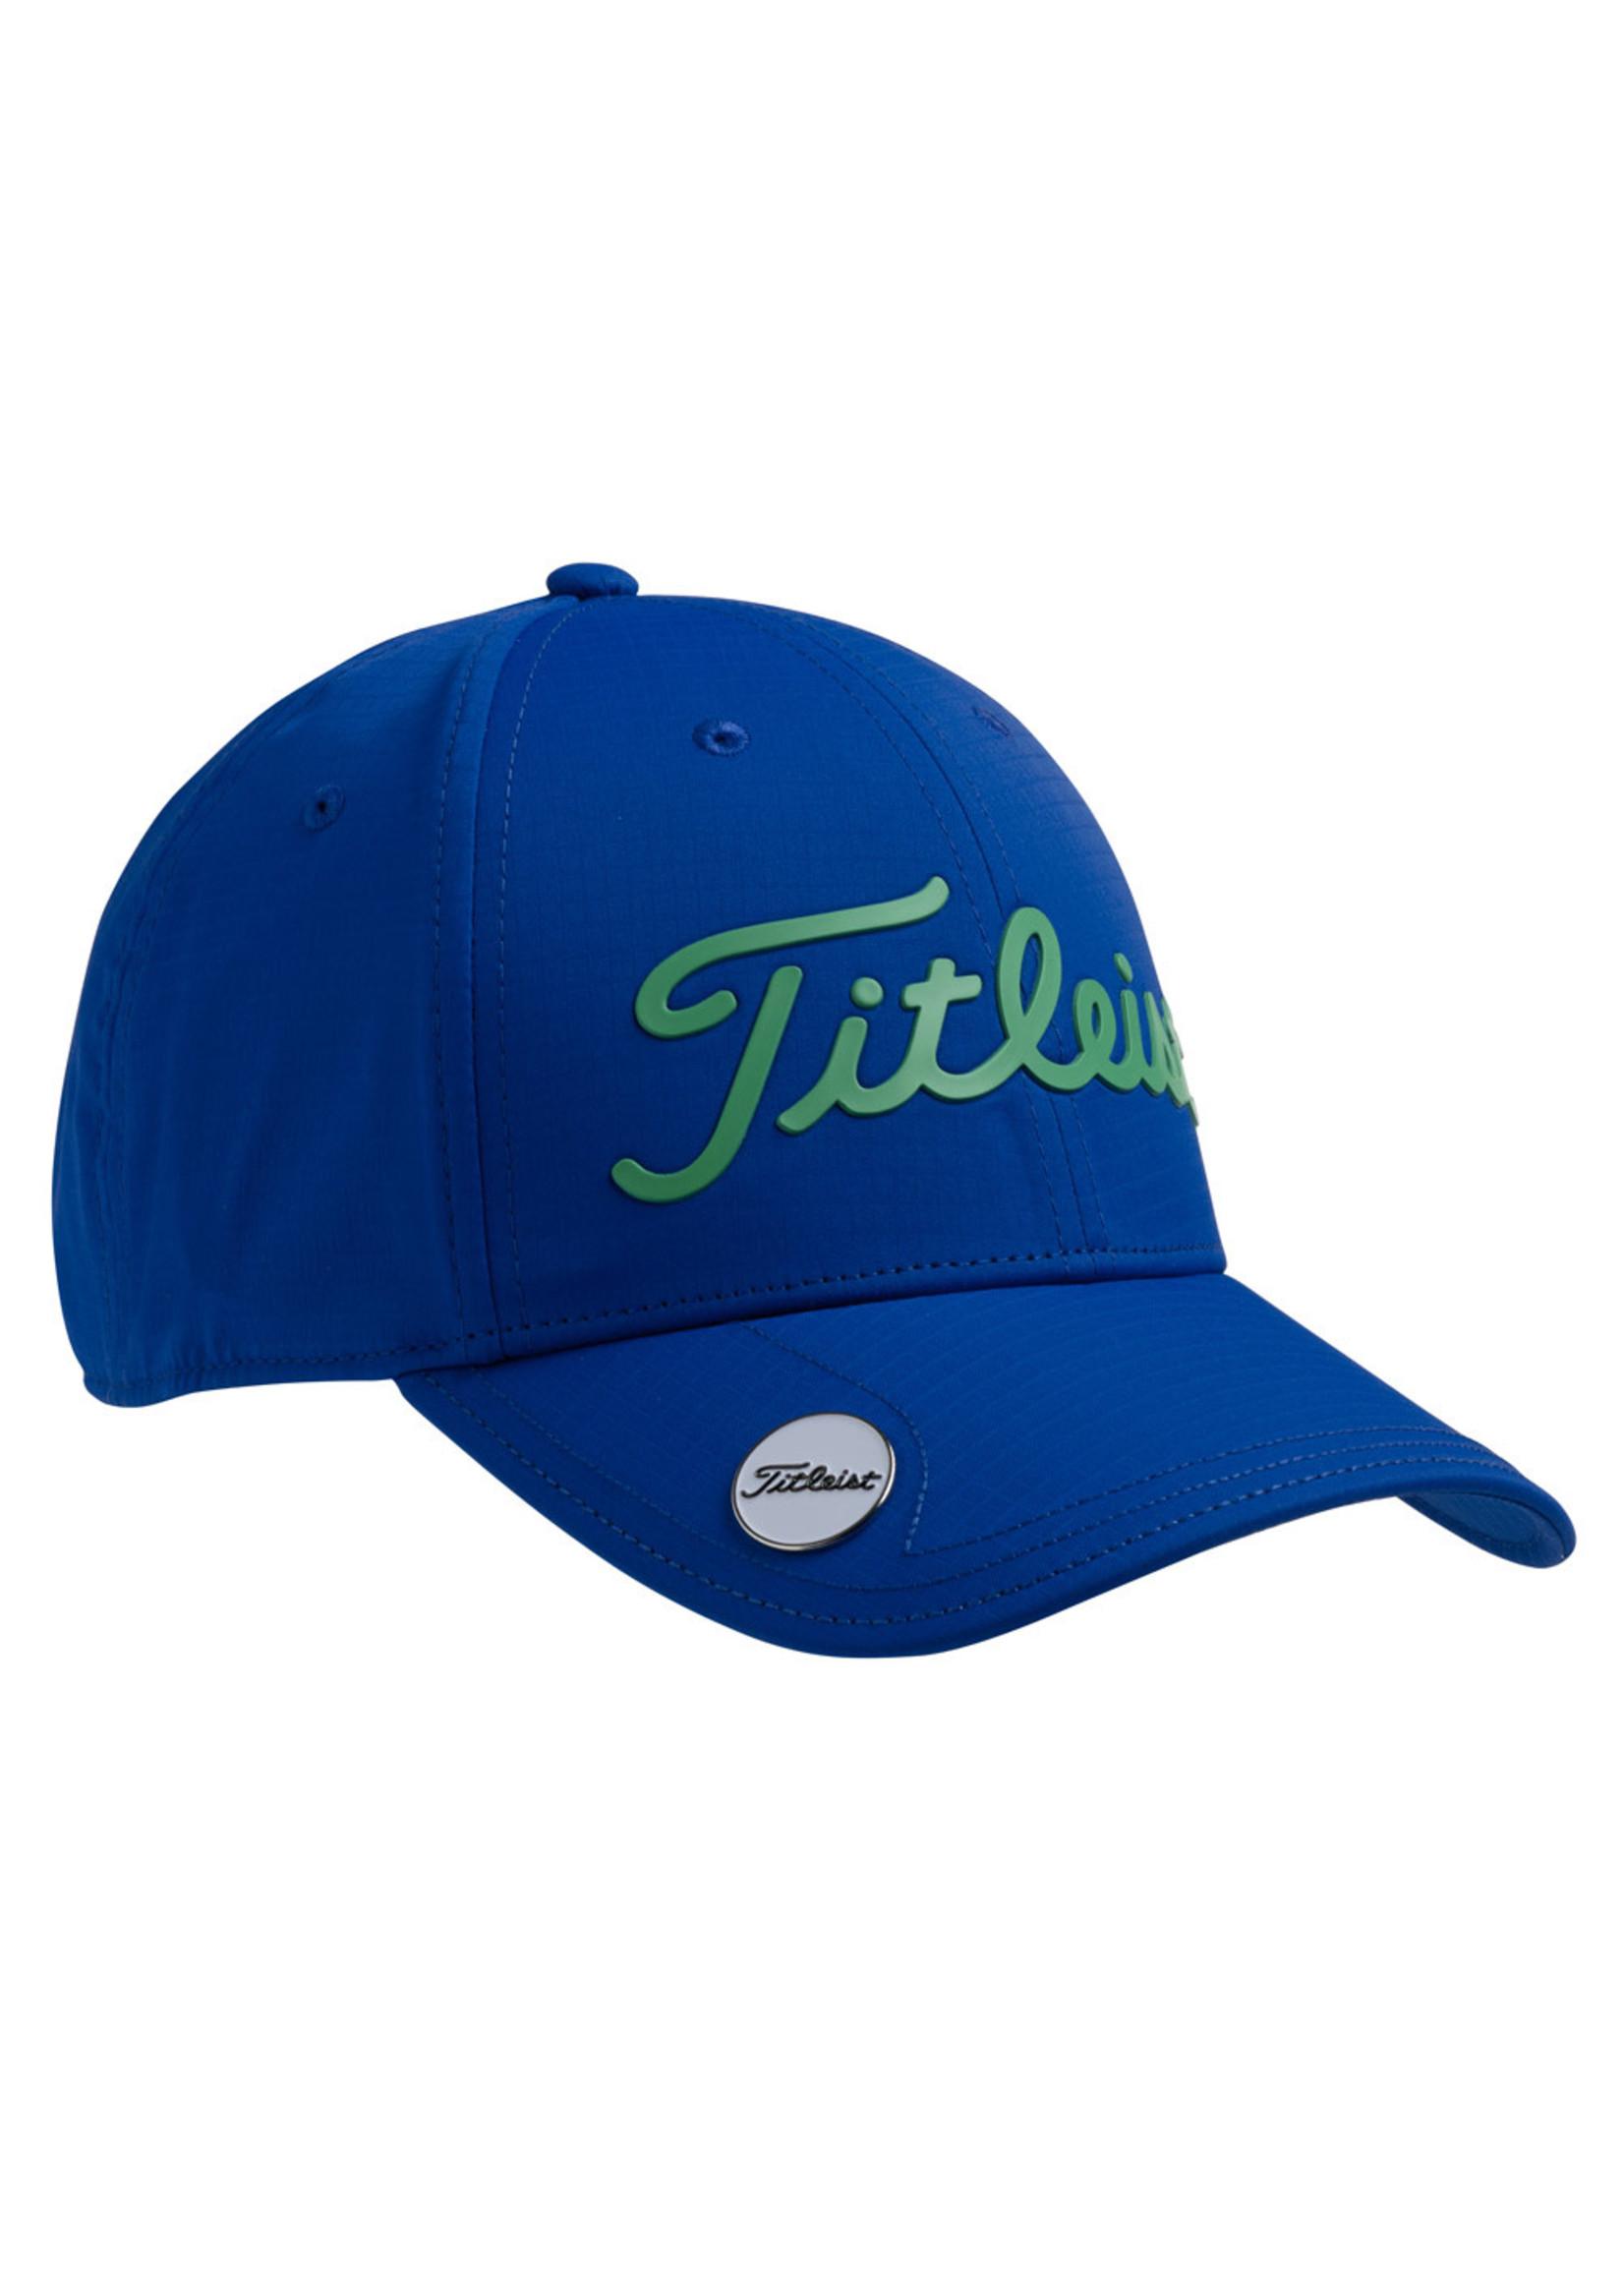 Titleist Titleist Performance Ball Marker Cap - Various Colours (2020)